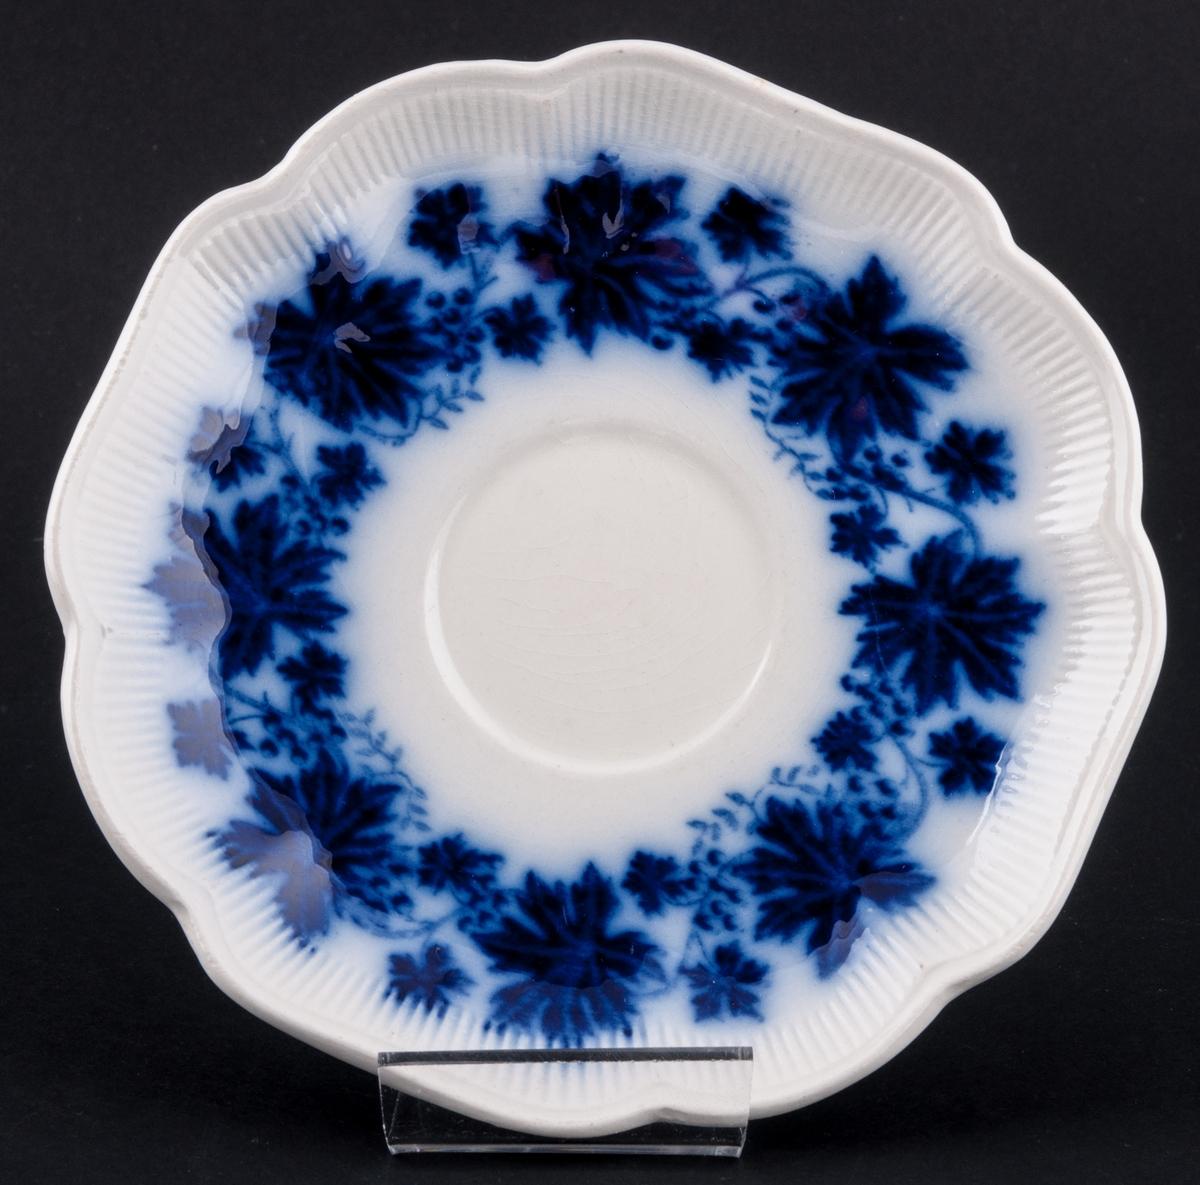 Fat till kopp, 4 st, formgivna av Arthur Percy för Gefle Porslinsfabrik. Bräm med vågig kant. Dekor: Vinranka, blå.